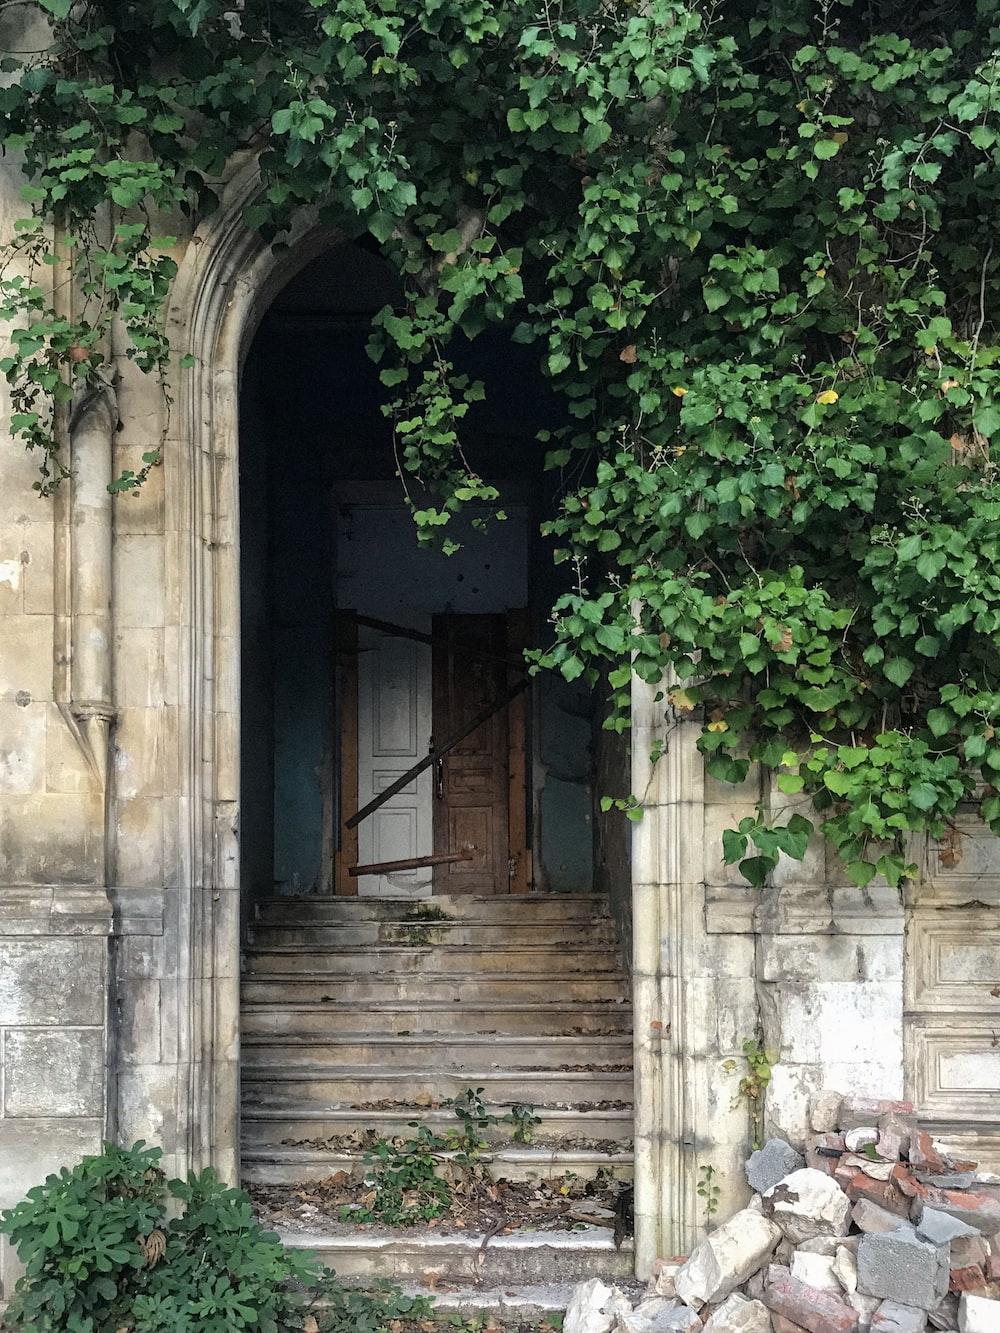 green leaves on brown wooden door